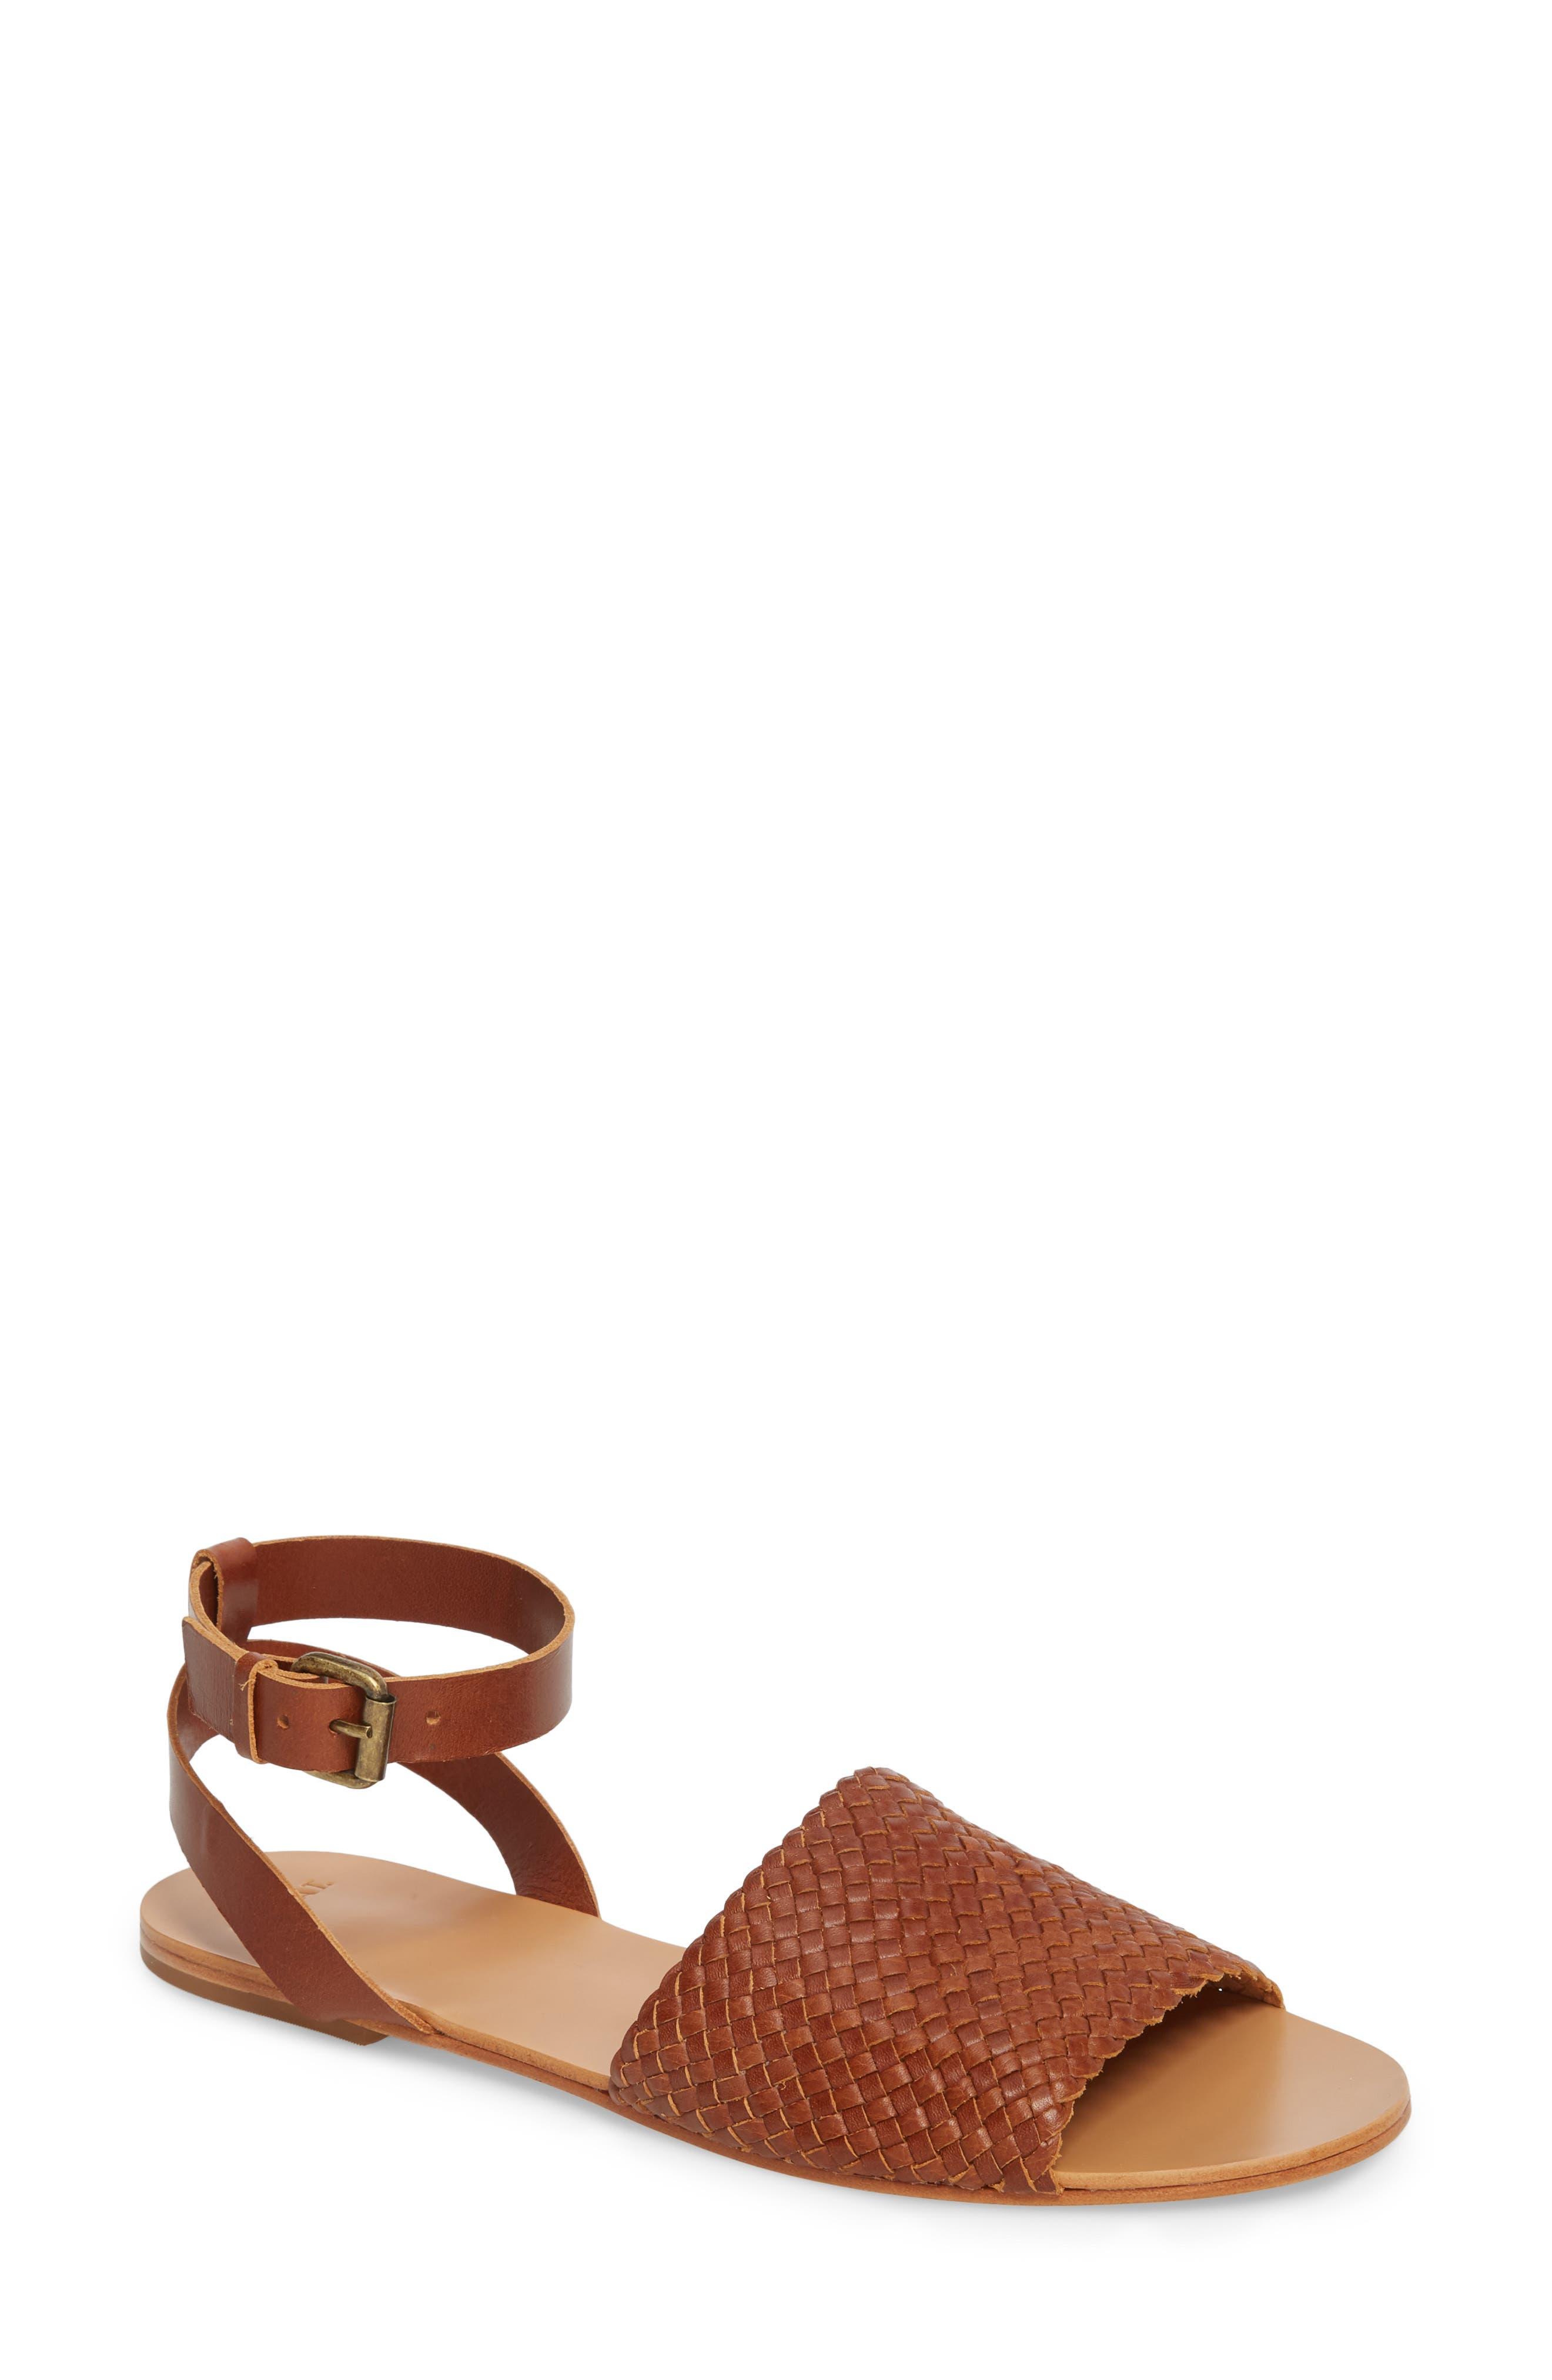 Caravan Ankle Strap Sandal,                         Main,                         color, COGNAC